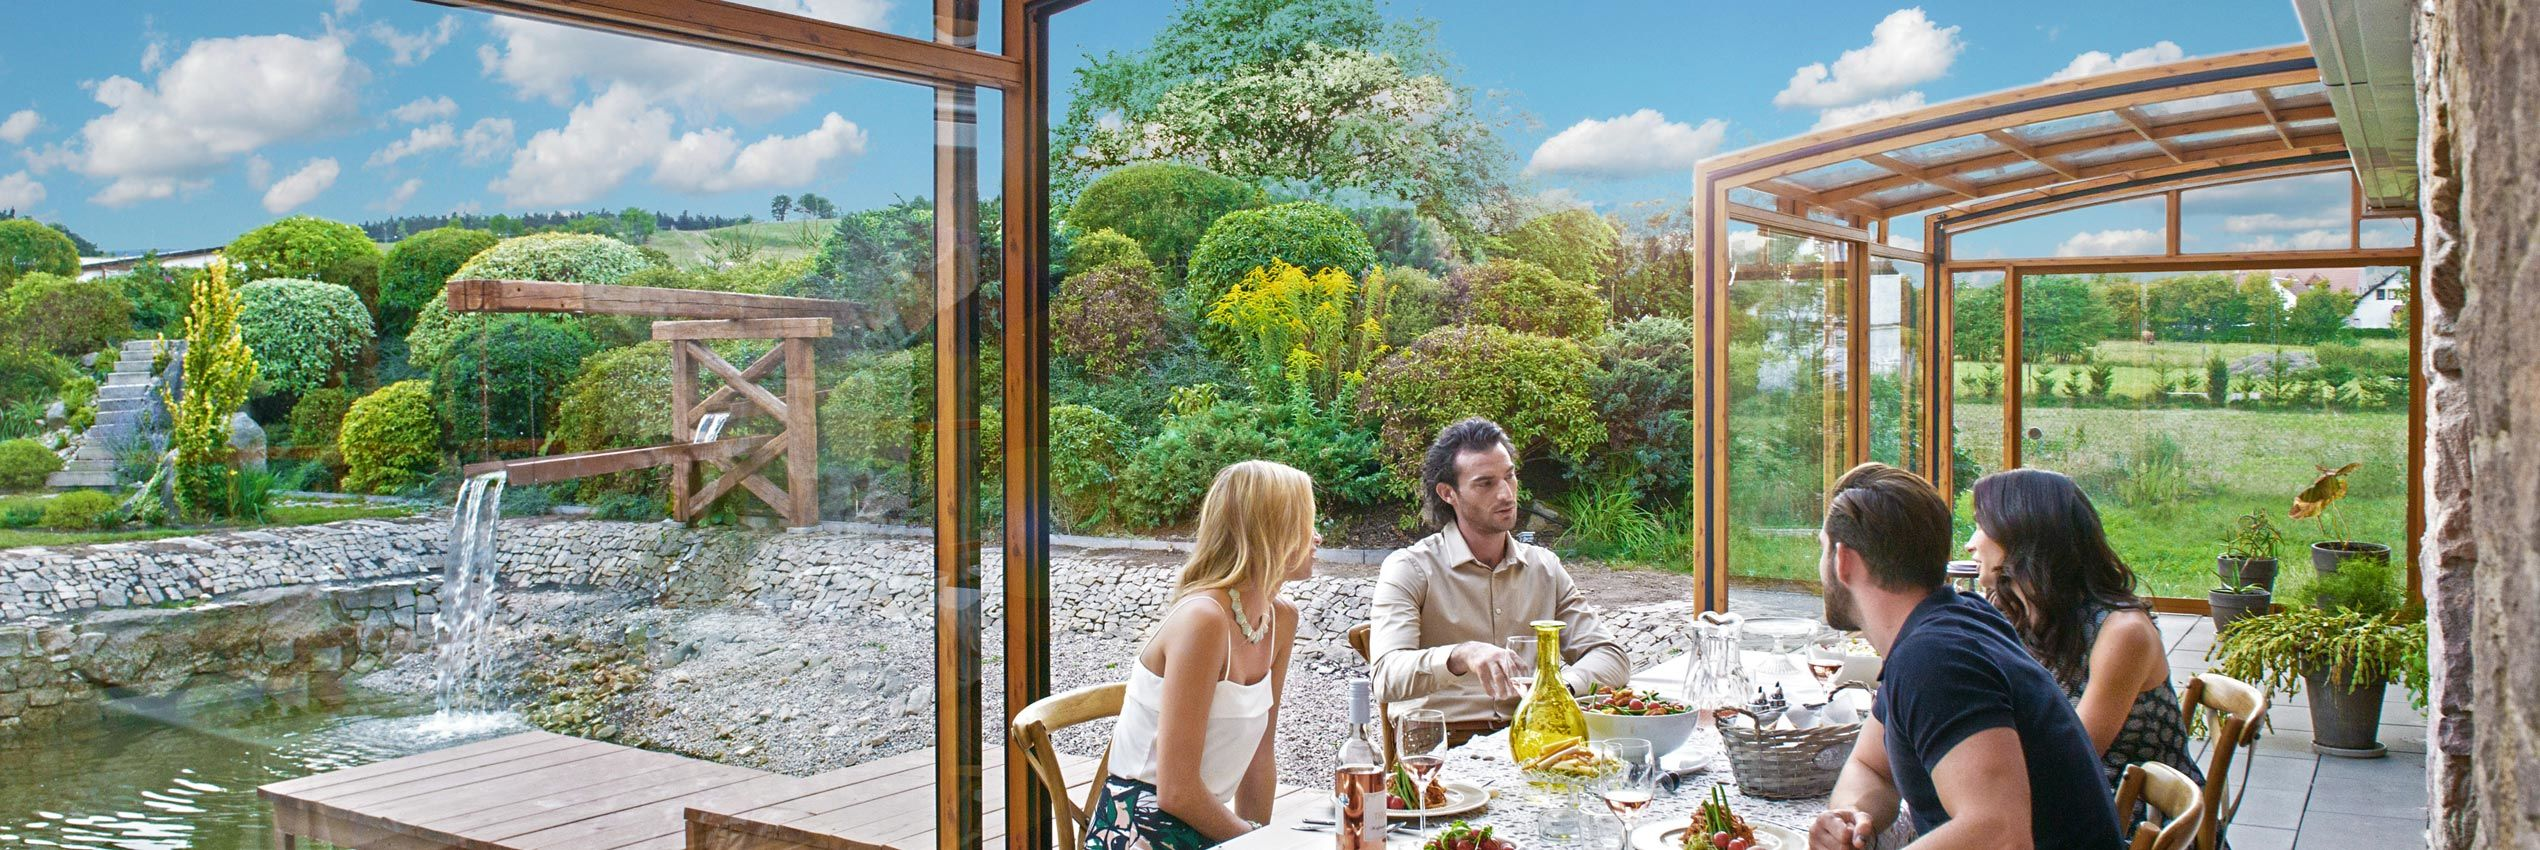 berdachungen f r terrassen und pools von alukov deutschland alukov. Black Bedroom Furniture Sets. Home Design Ideas